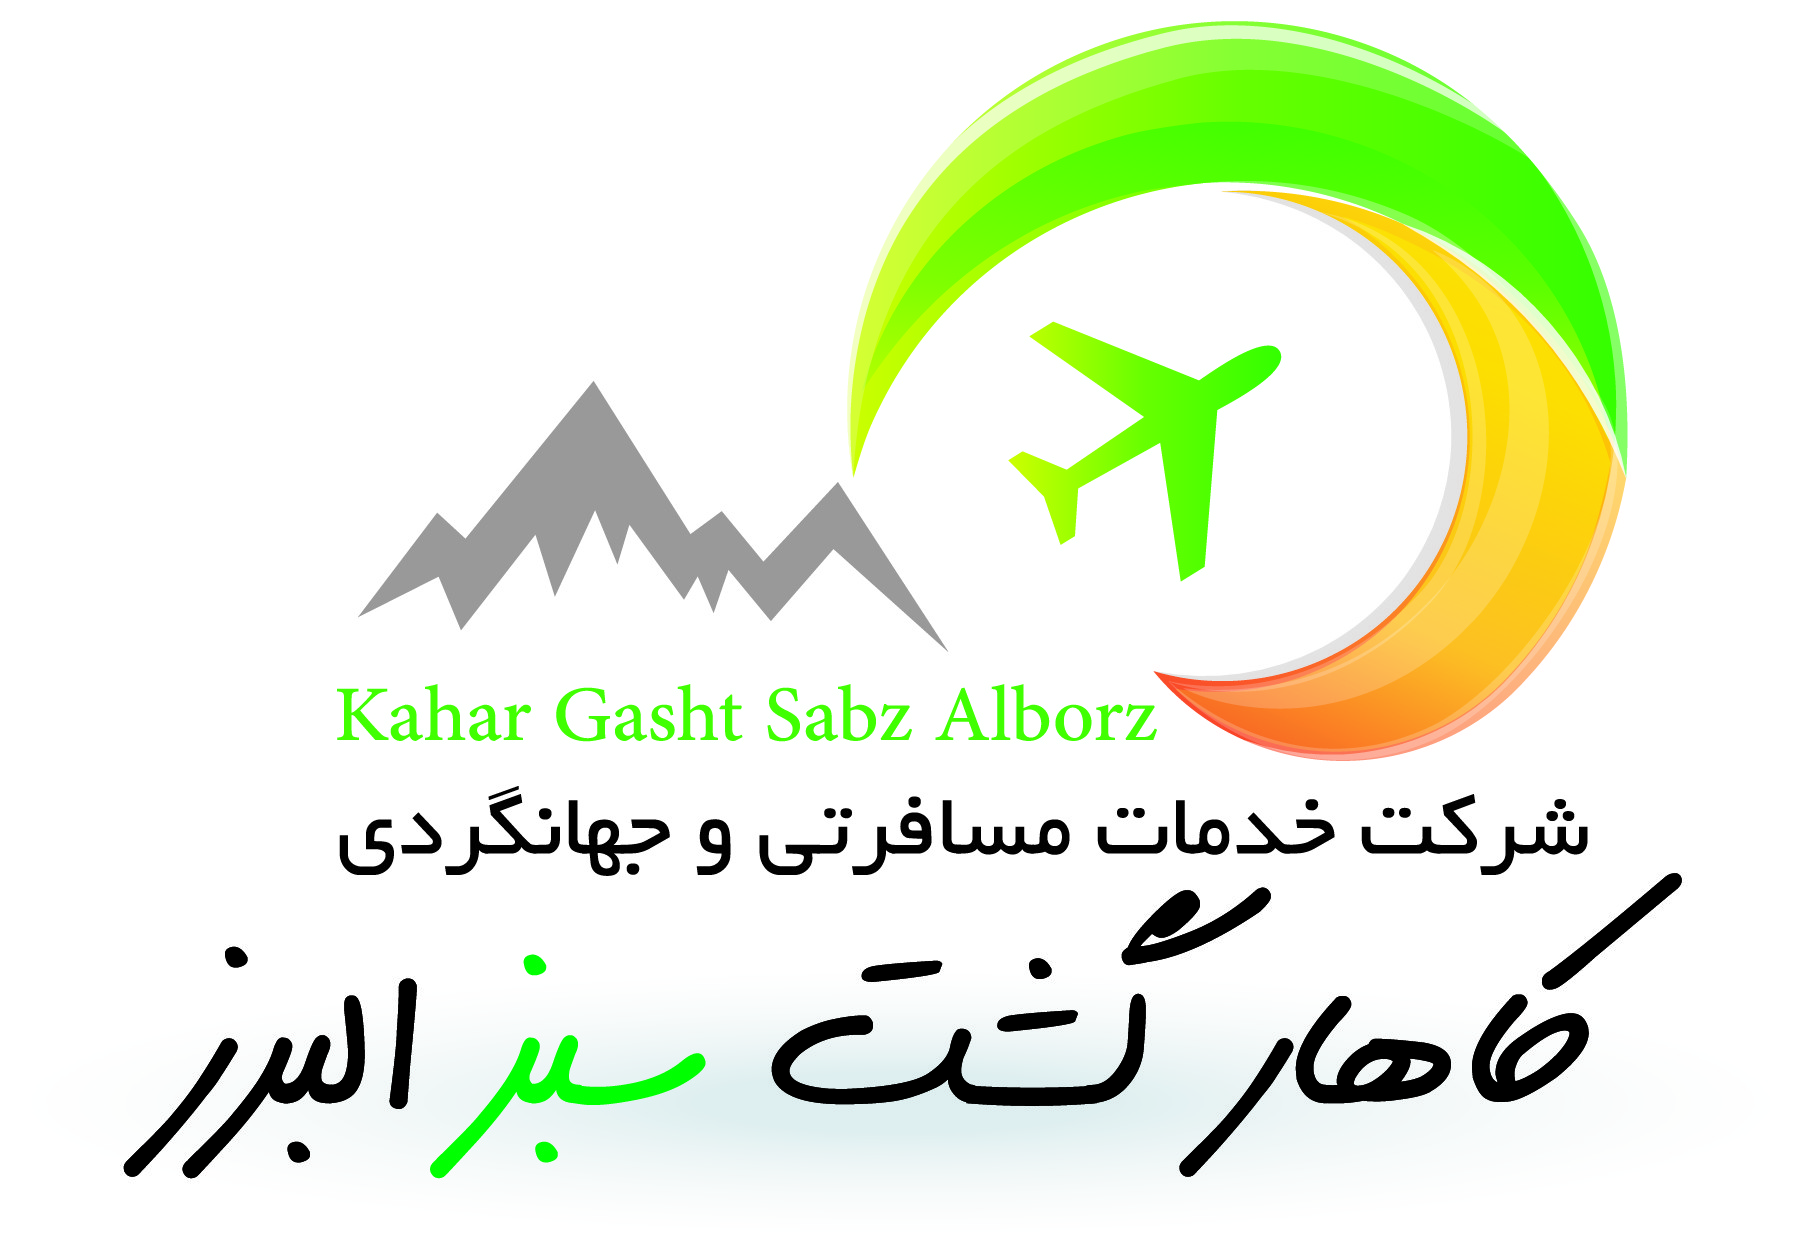 کاهار گشت سبز البرز